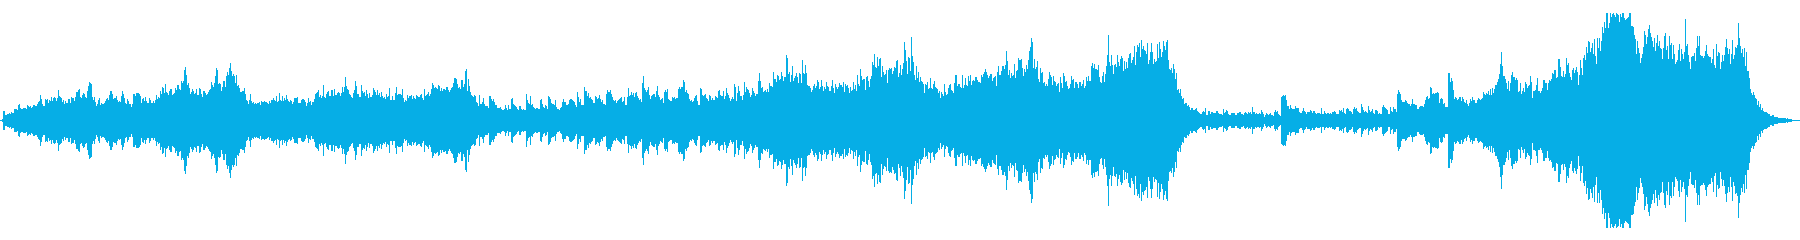 大自然壮大オケ 60秒 per無の再生済みの波形